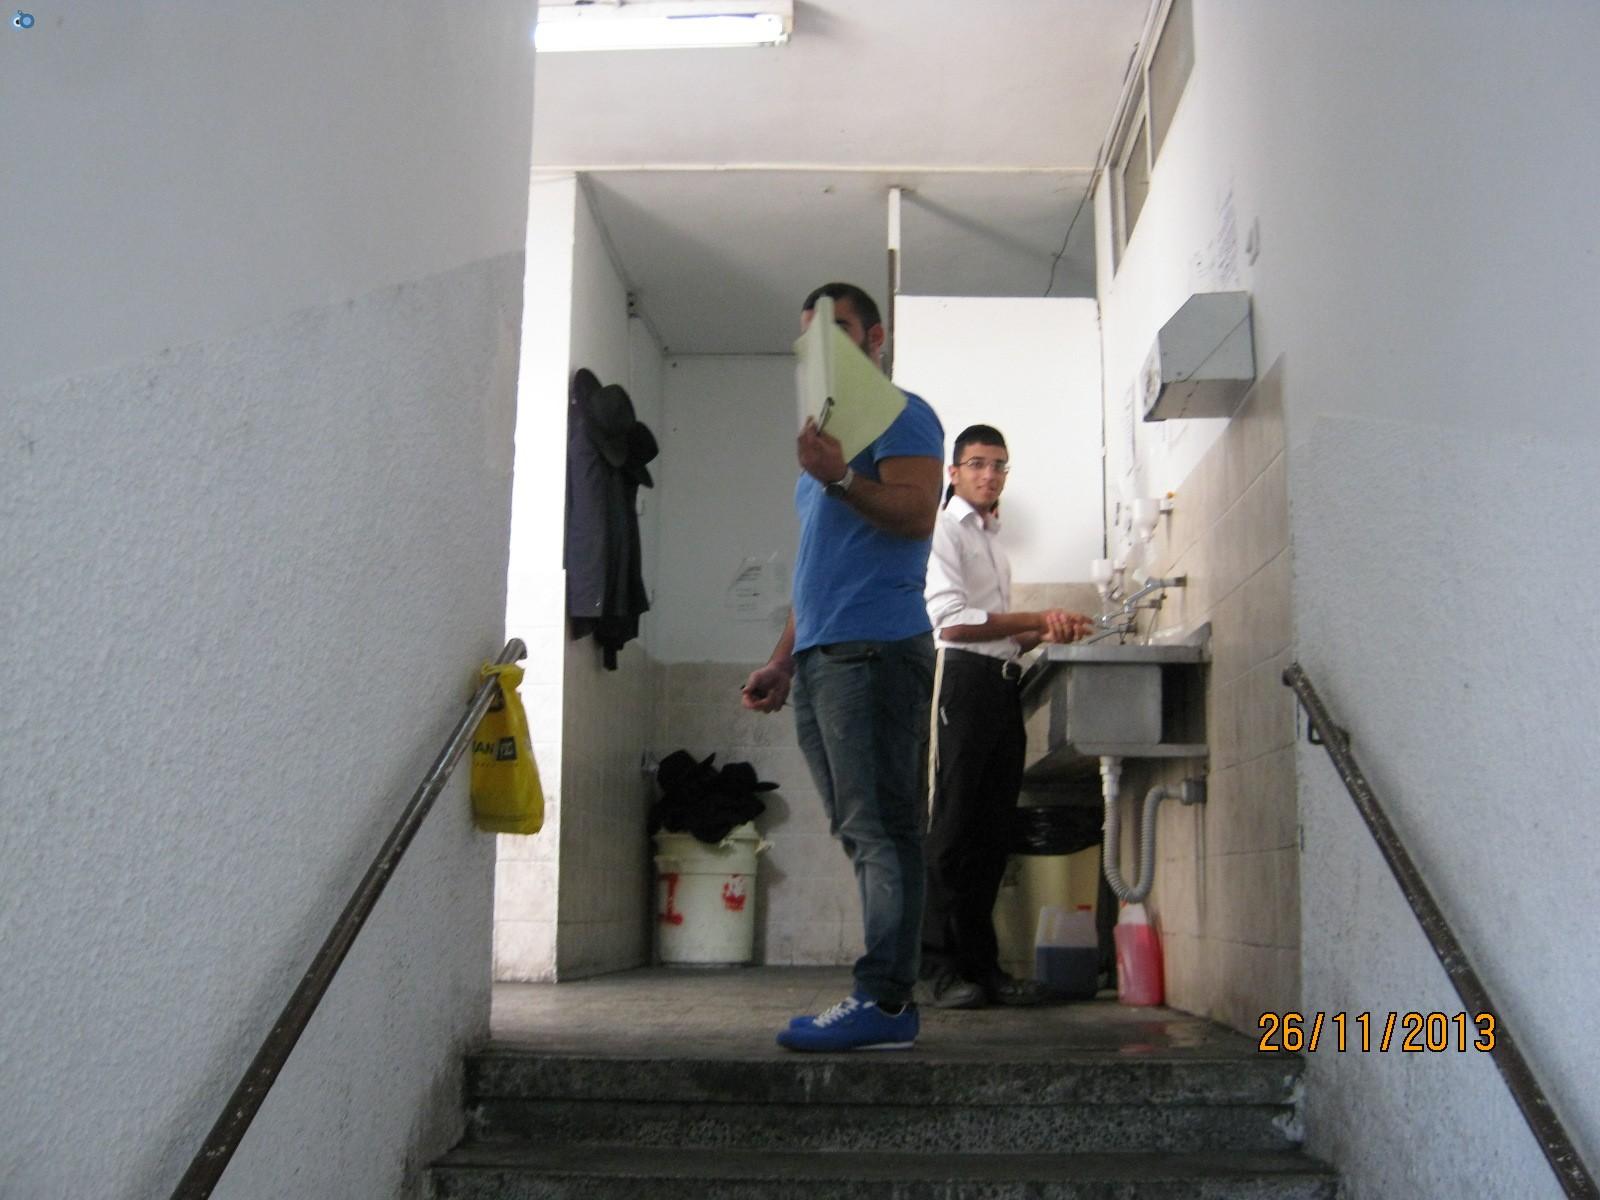 אחד מהפקחים שומר בכניסה לישיבה (2)